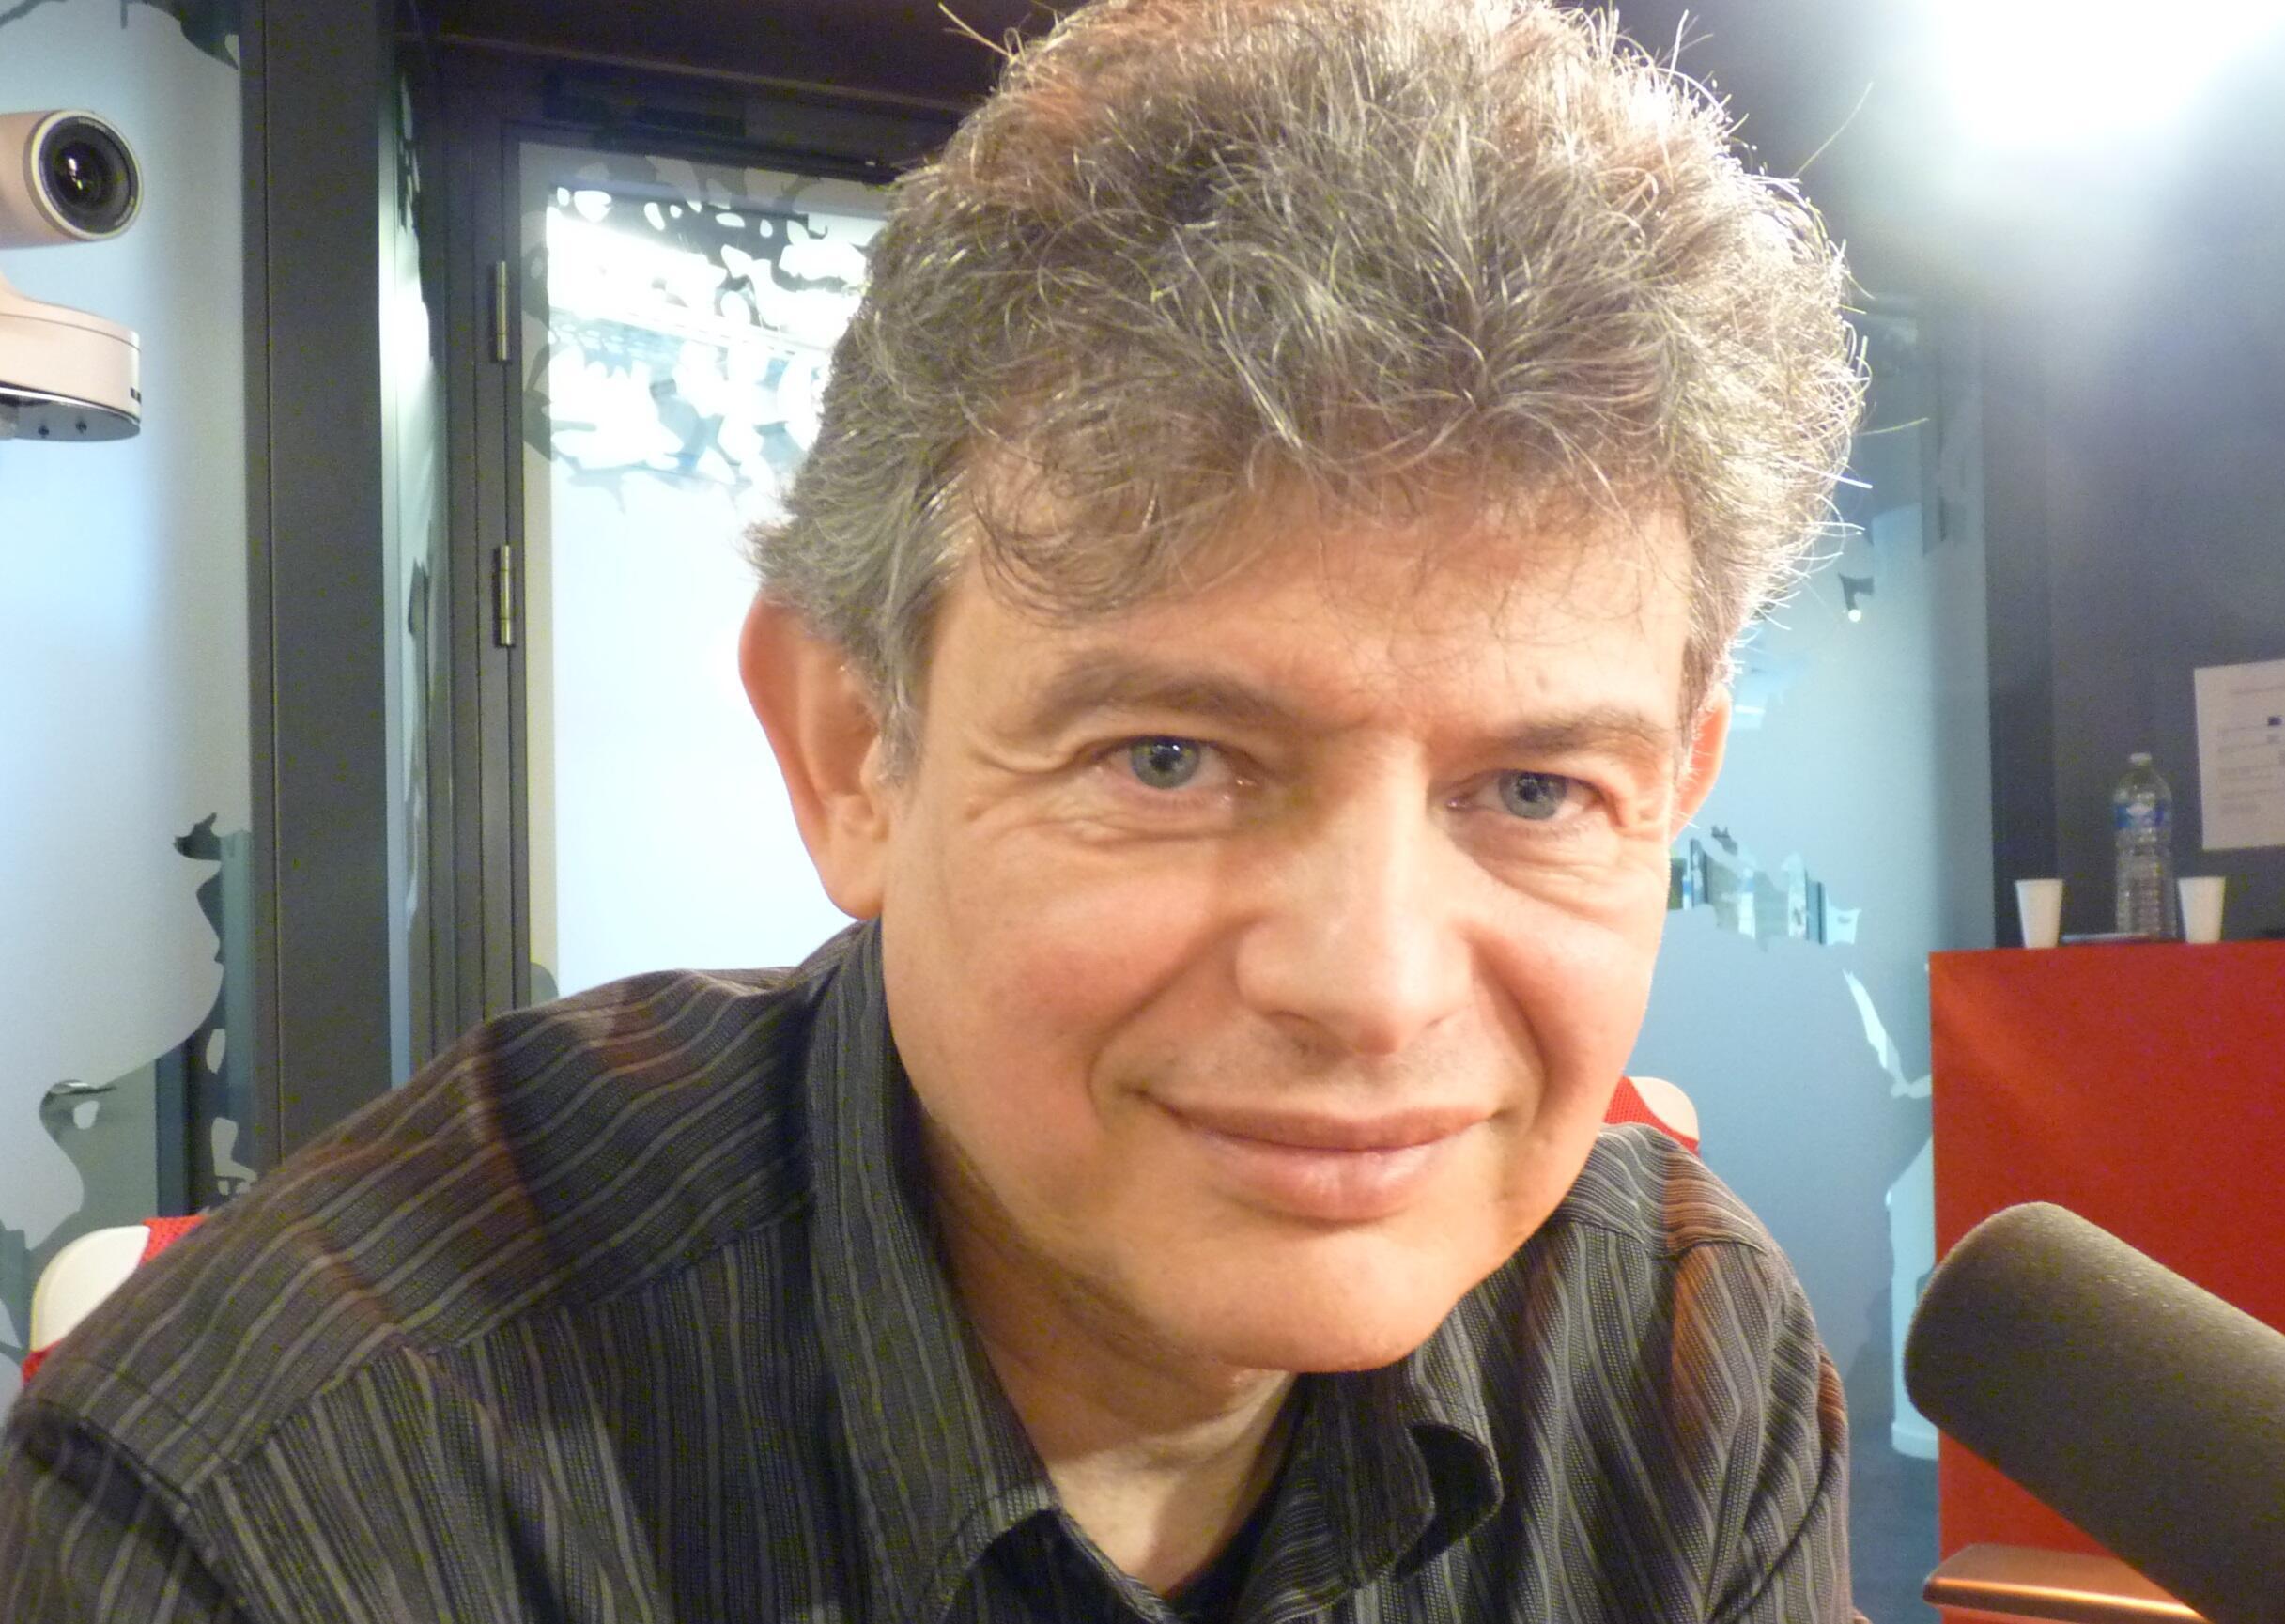 El artista y fotógrafo español José Manuel Ballester en los estudios de RFI en parís